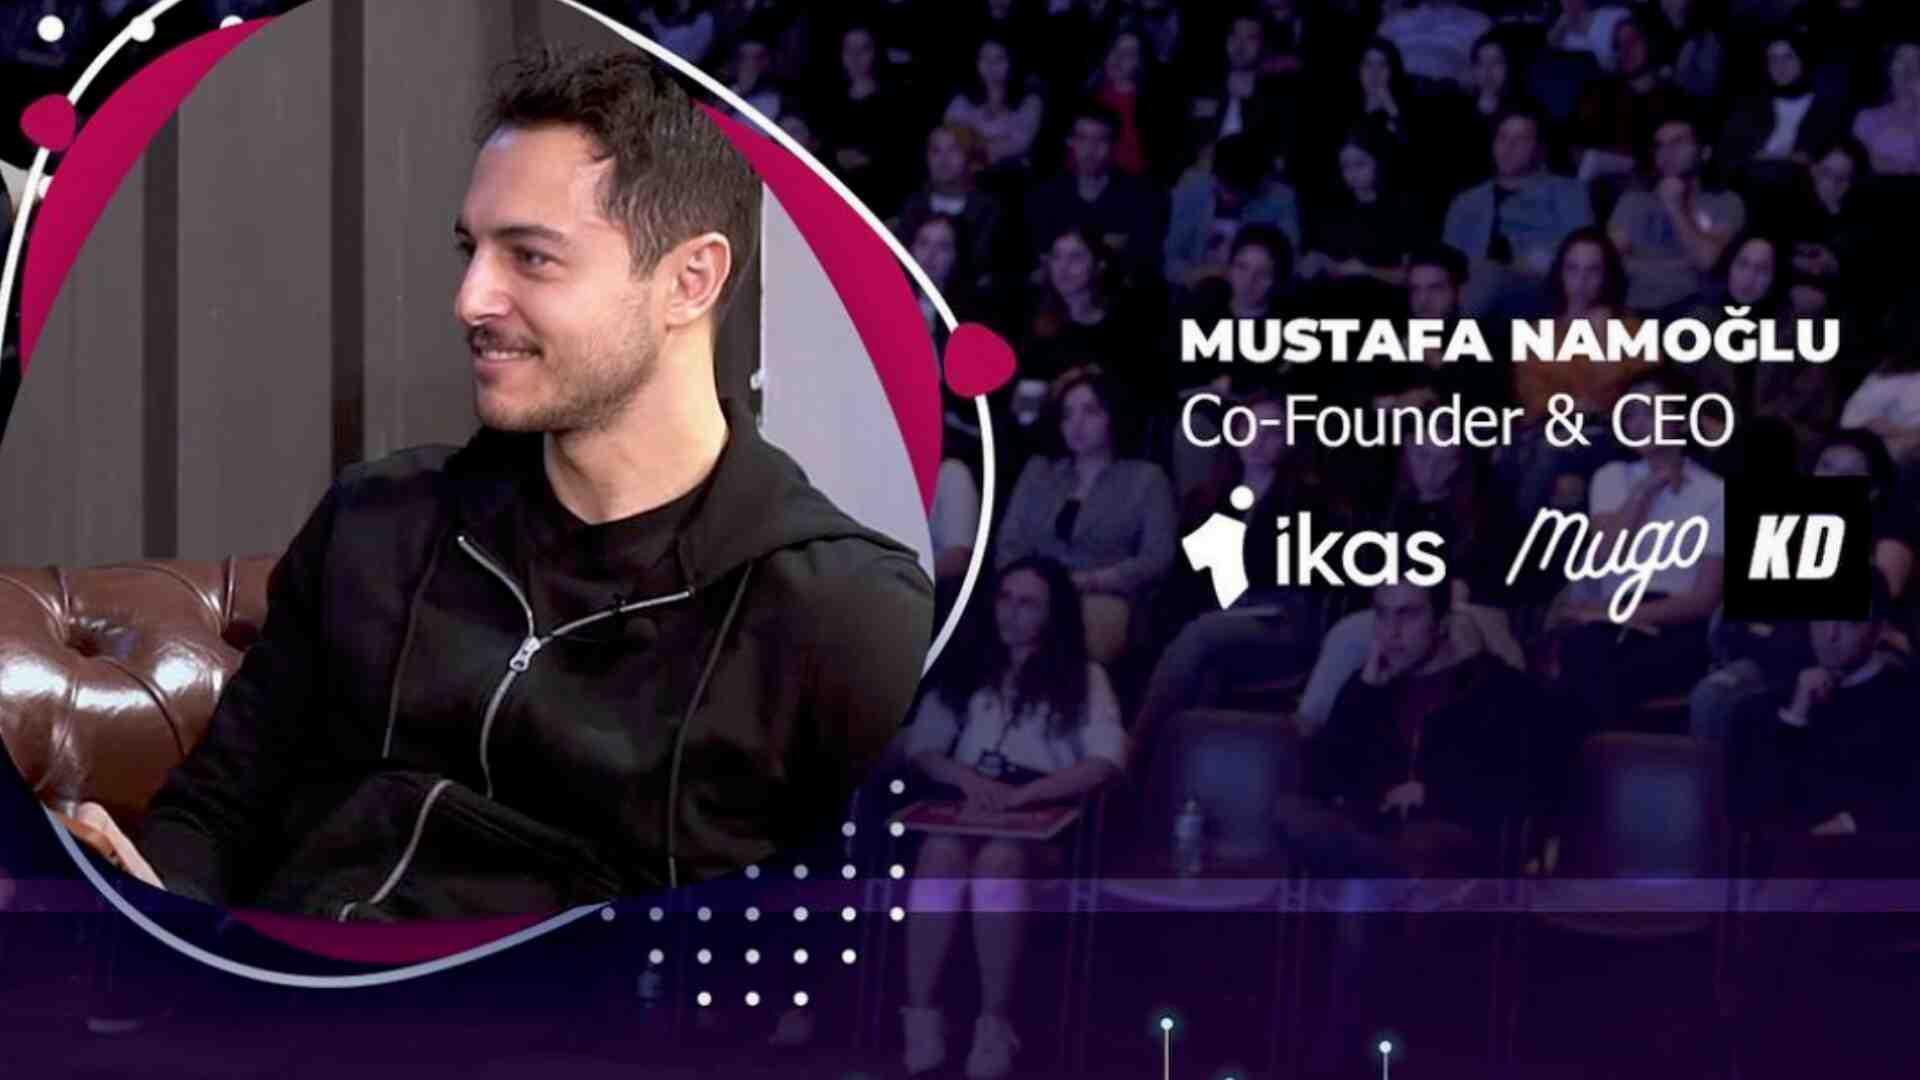 YEA Girişimcilik Mustafa Namoğlu: Girişimcilik ve Liderlik